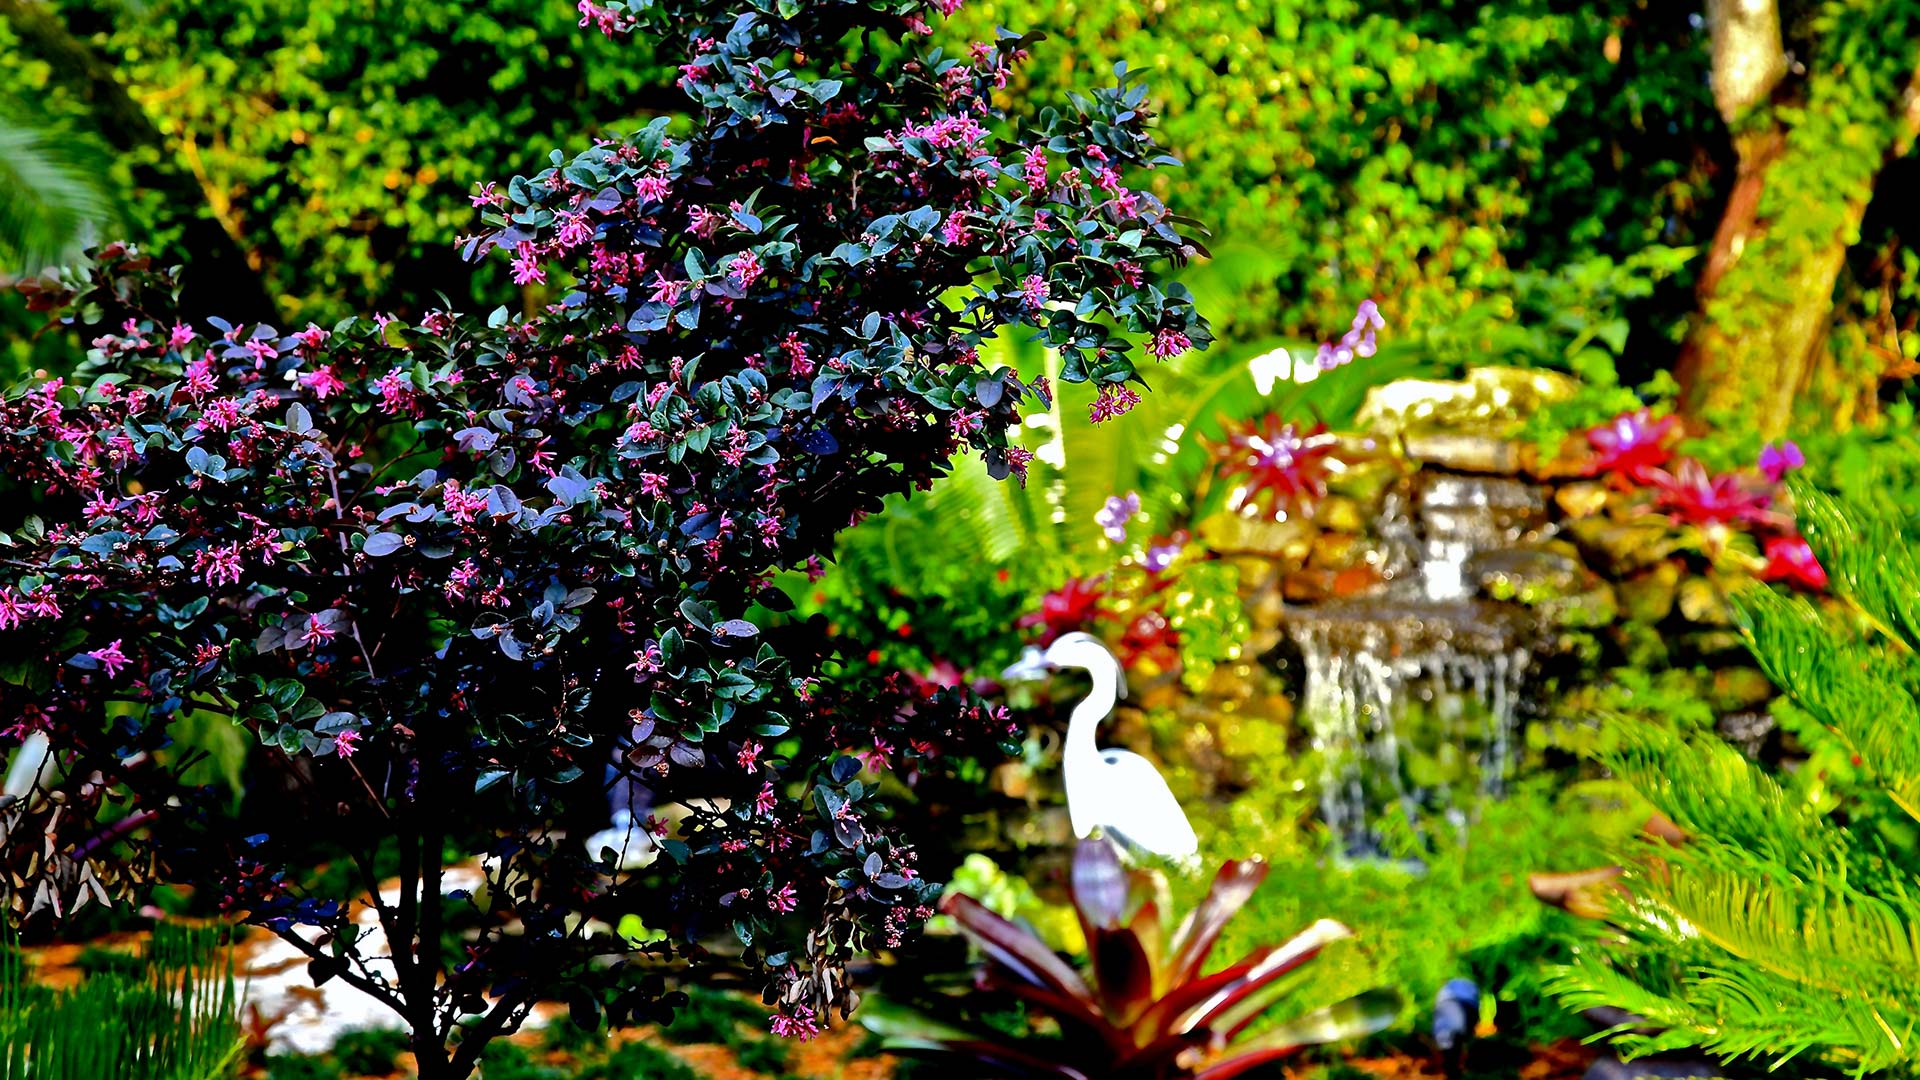 Premier Horticulture Landscape Design, Landscaping and Garden Design slide 1